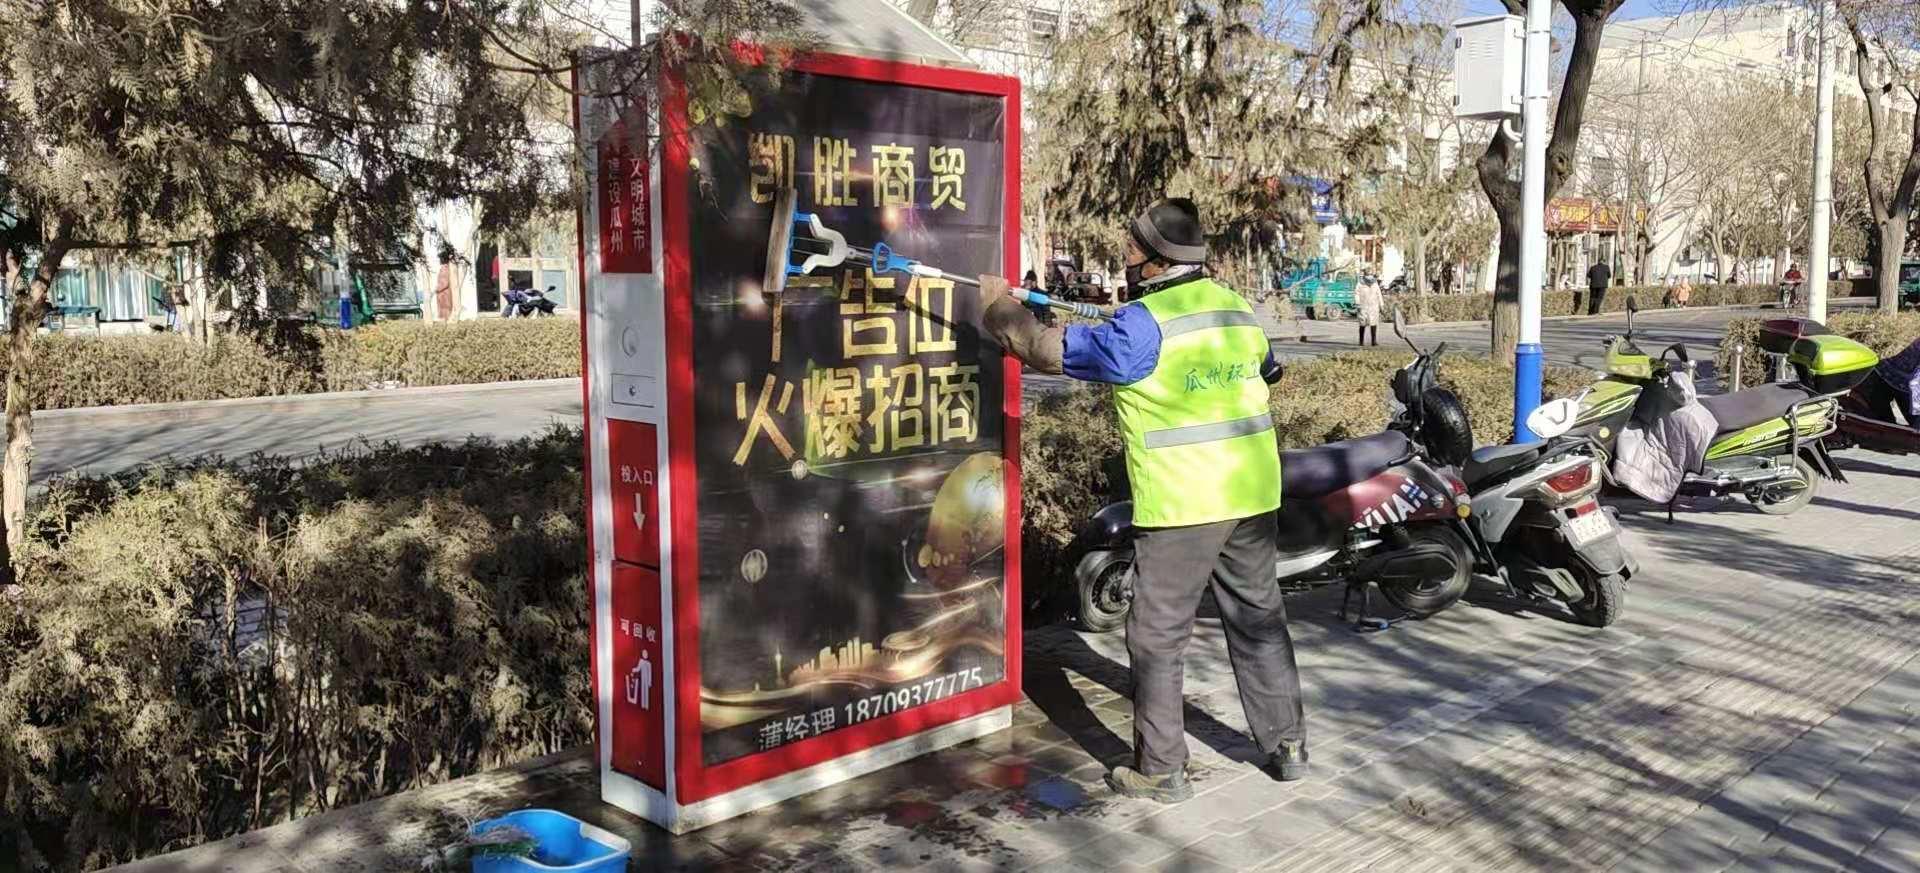 瓜州县渊泉镇开展节前环境卫生大整治